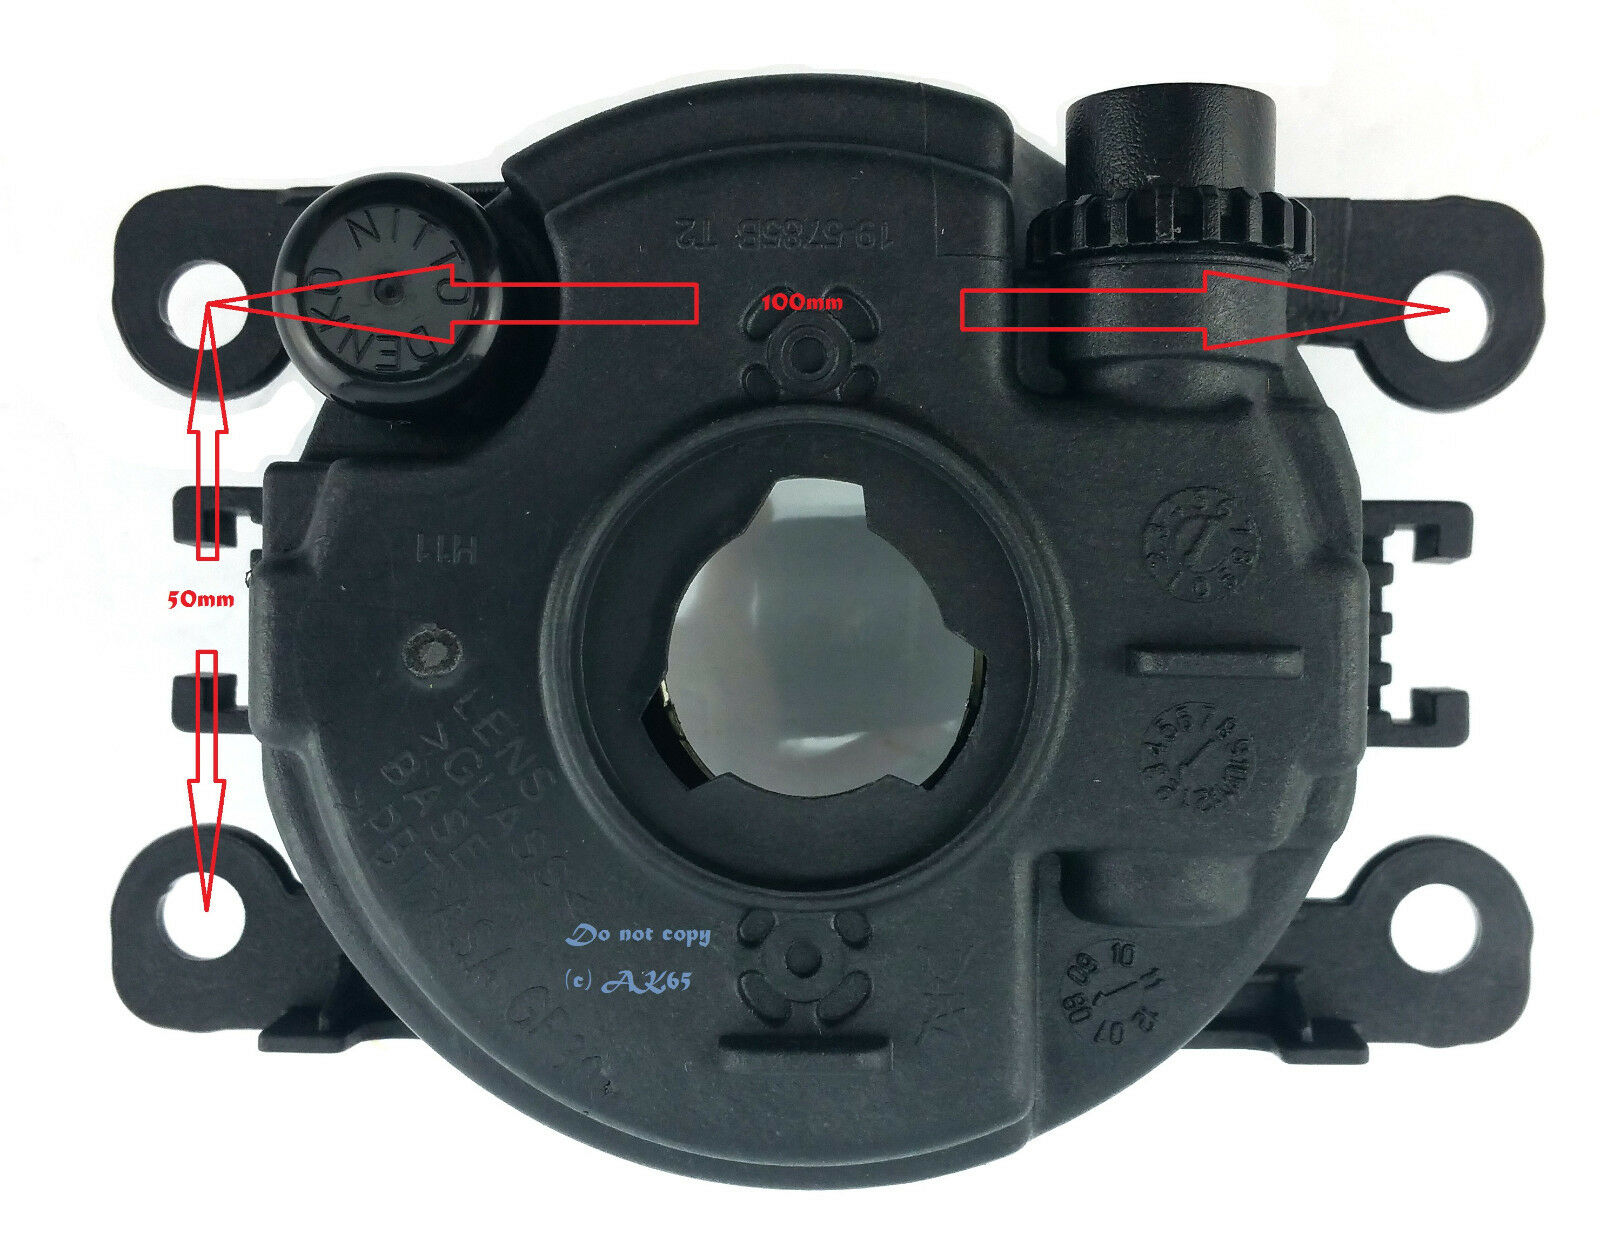 *NEW* FOG LIGHT LAMP 90mm with globe for NISSAN PATROL GU Y61 2005-2009 LH or RH